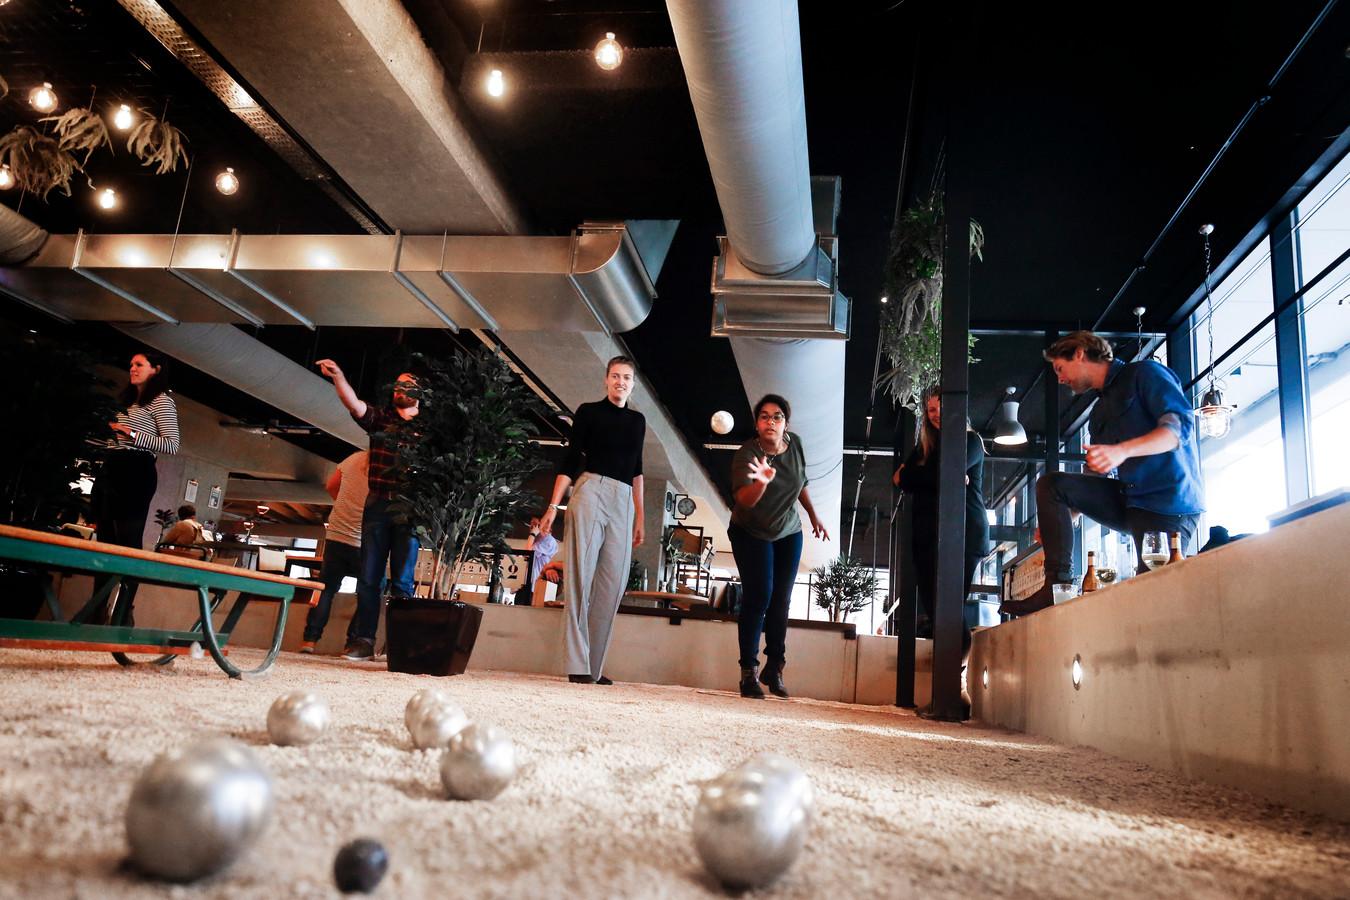 Sinds 2018 zit er een Jeu de Boules Bar in Utrecht. In Amsterdam zit het vergelijkbare Mooie Boules. Tilburg krijgt nu ook een zaak waar 'het spel met de ballen' kan worden gespeeld. Boules Bites Bar is de naam.